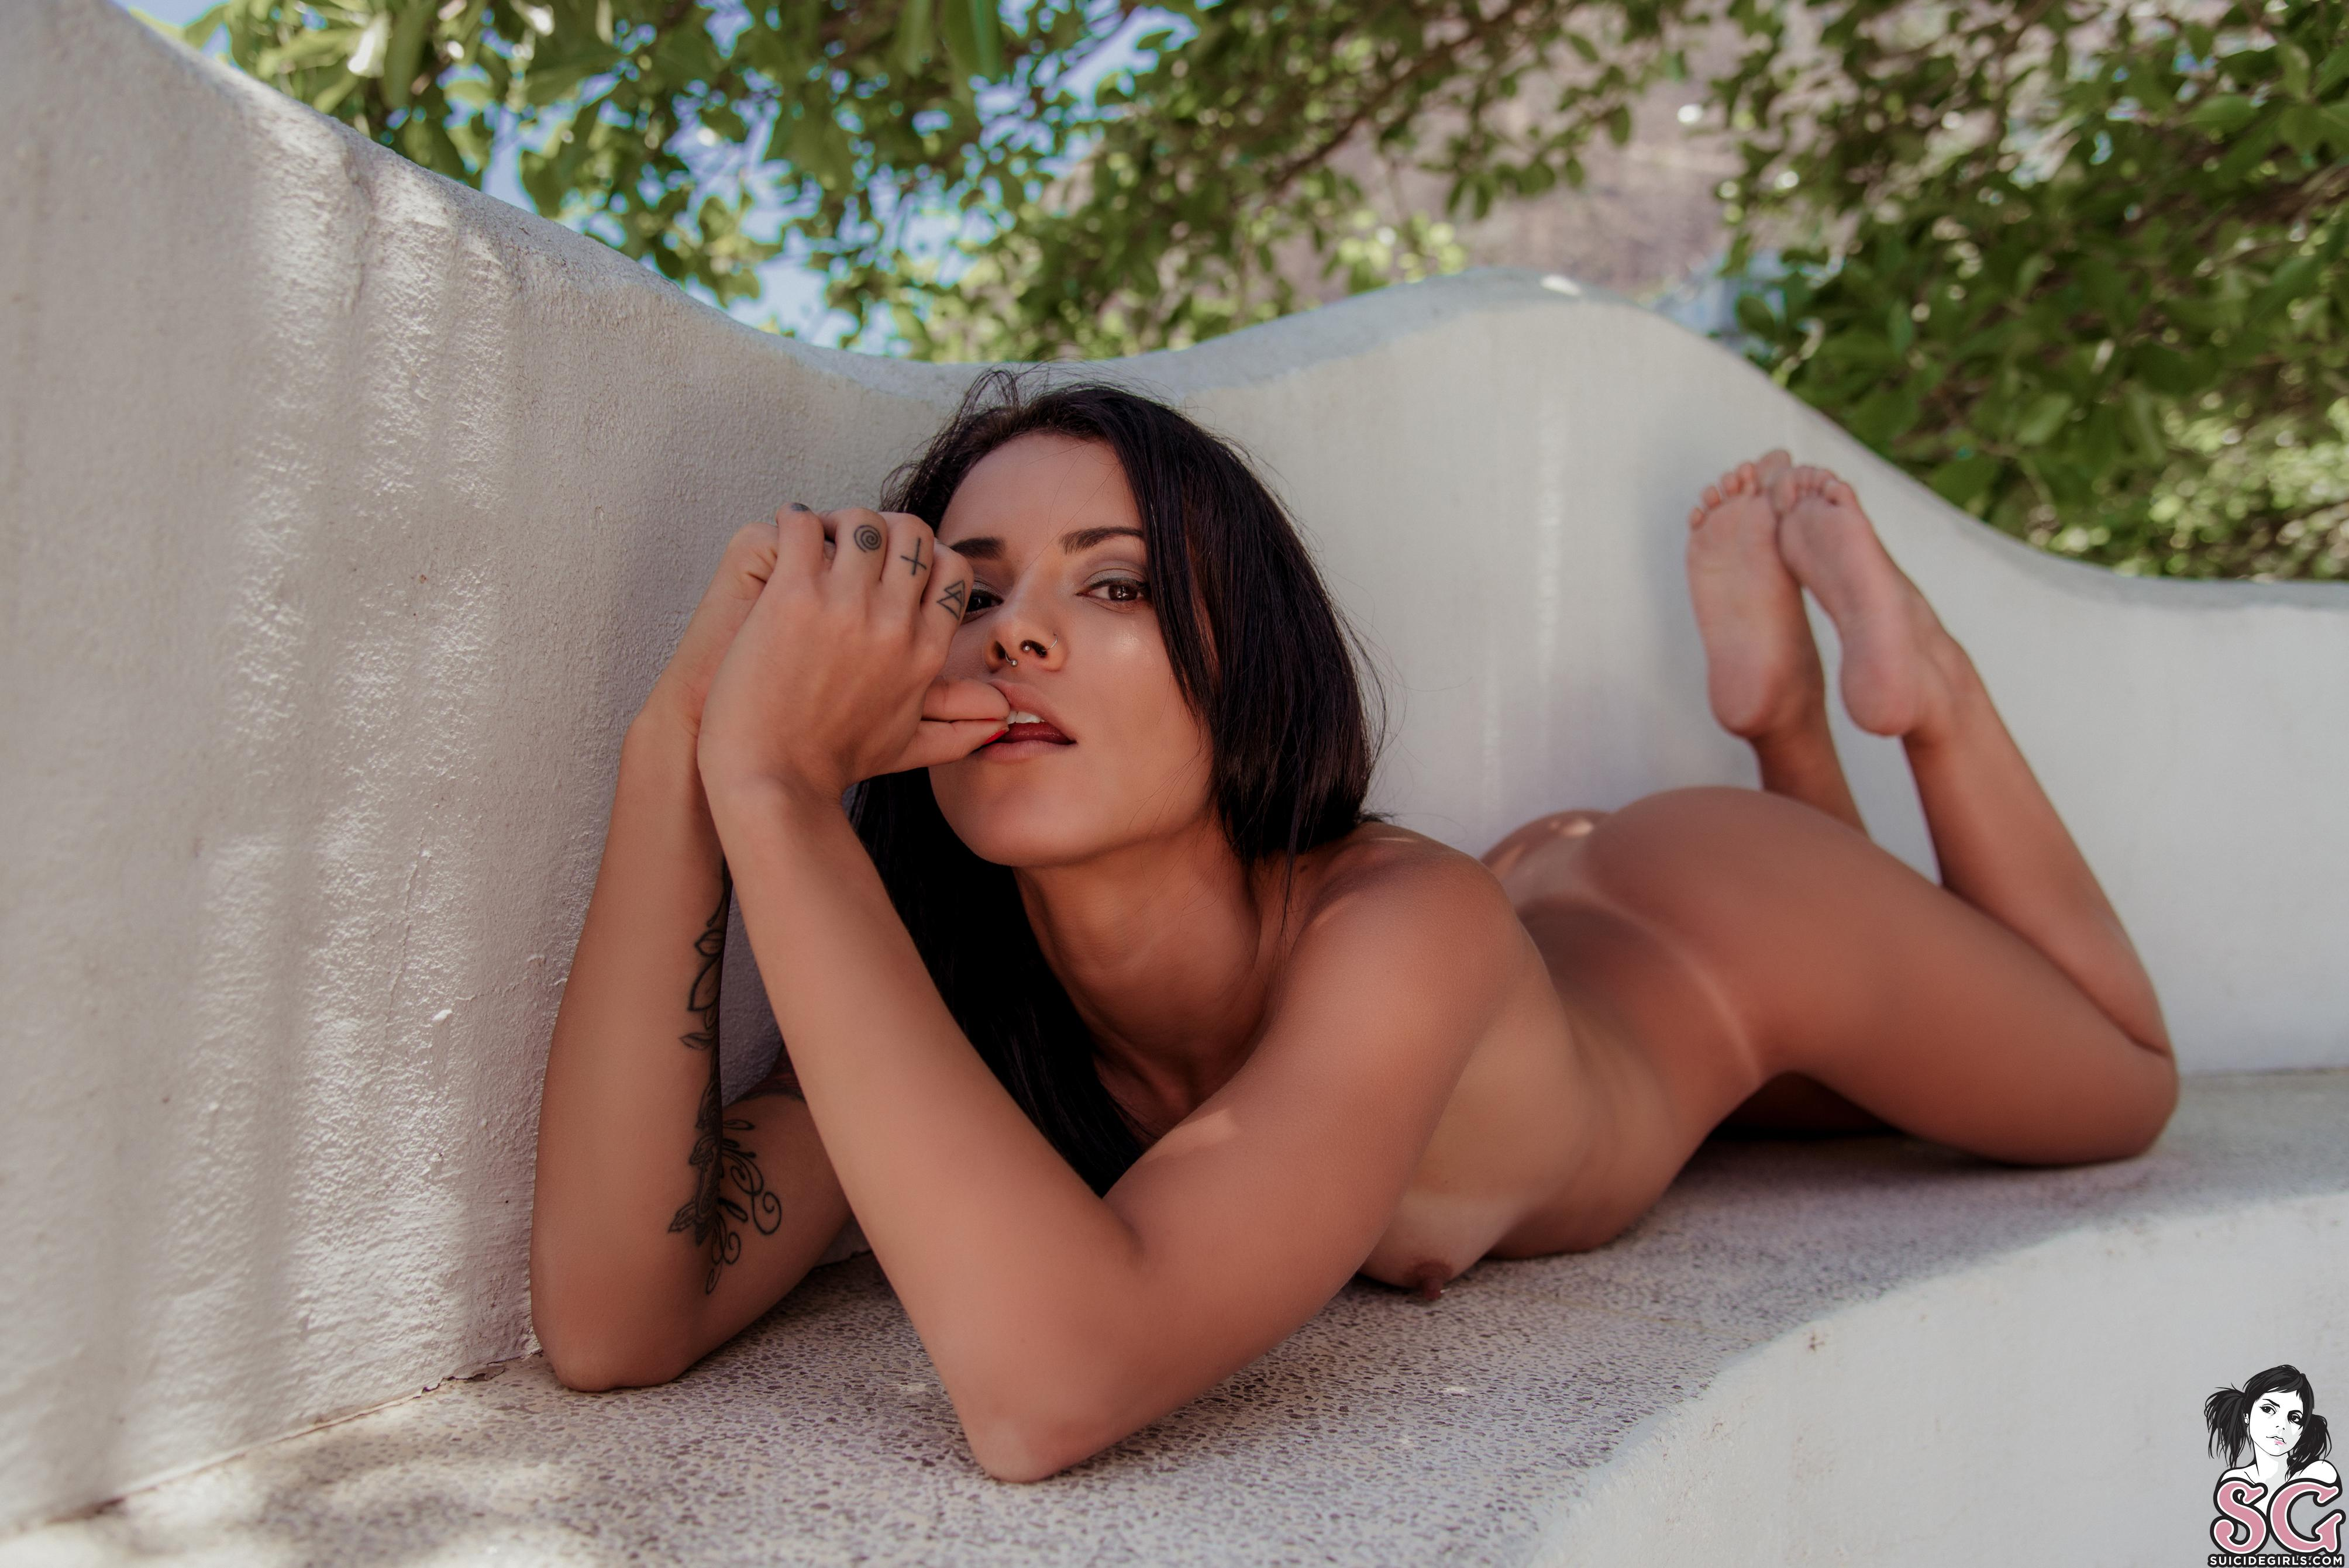 Yusari sg girl nackt